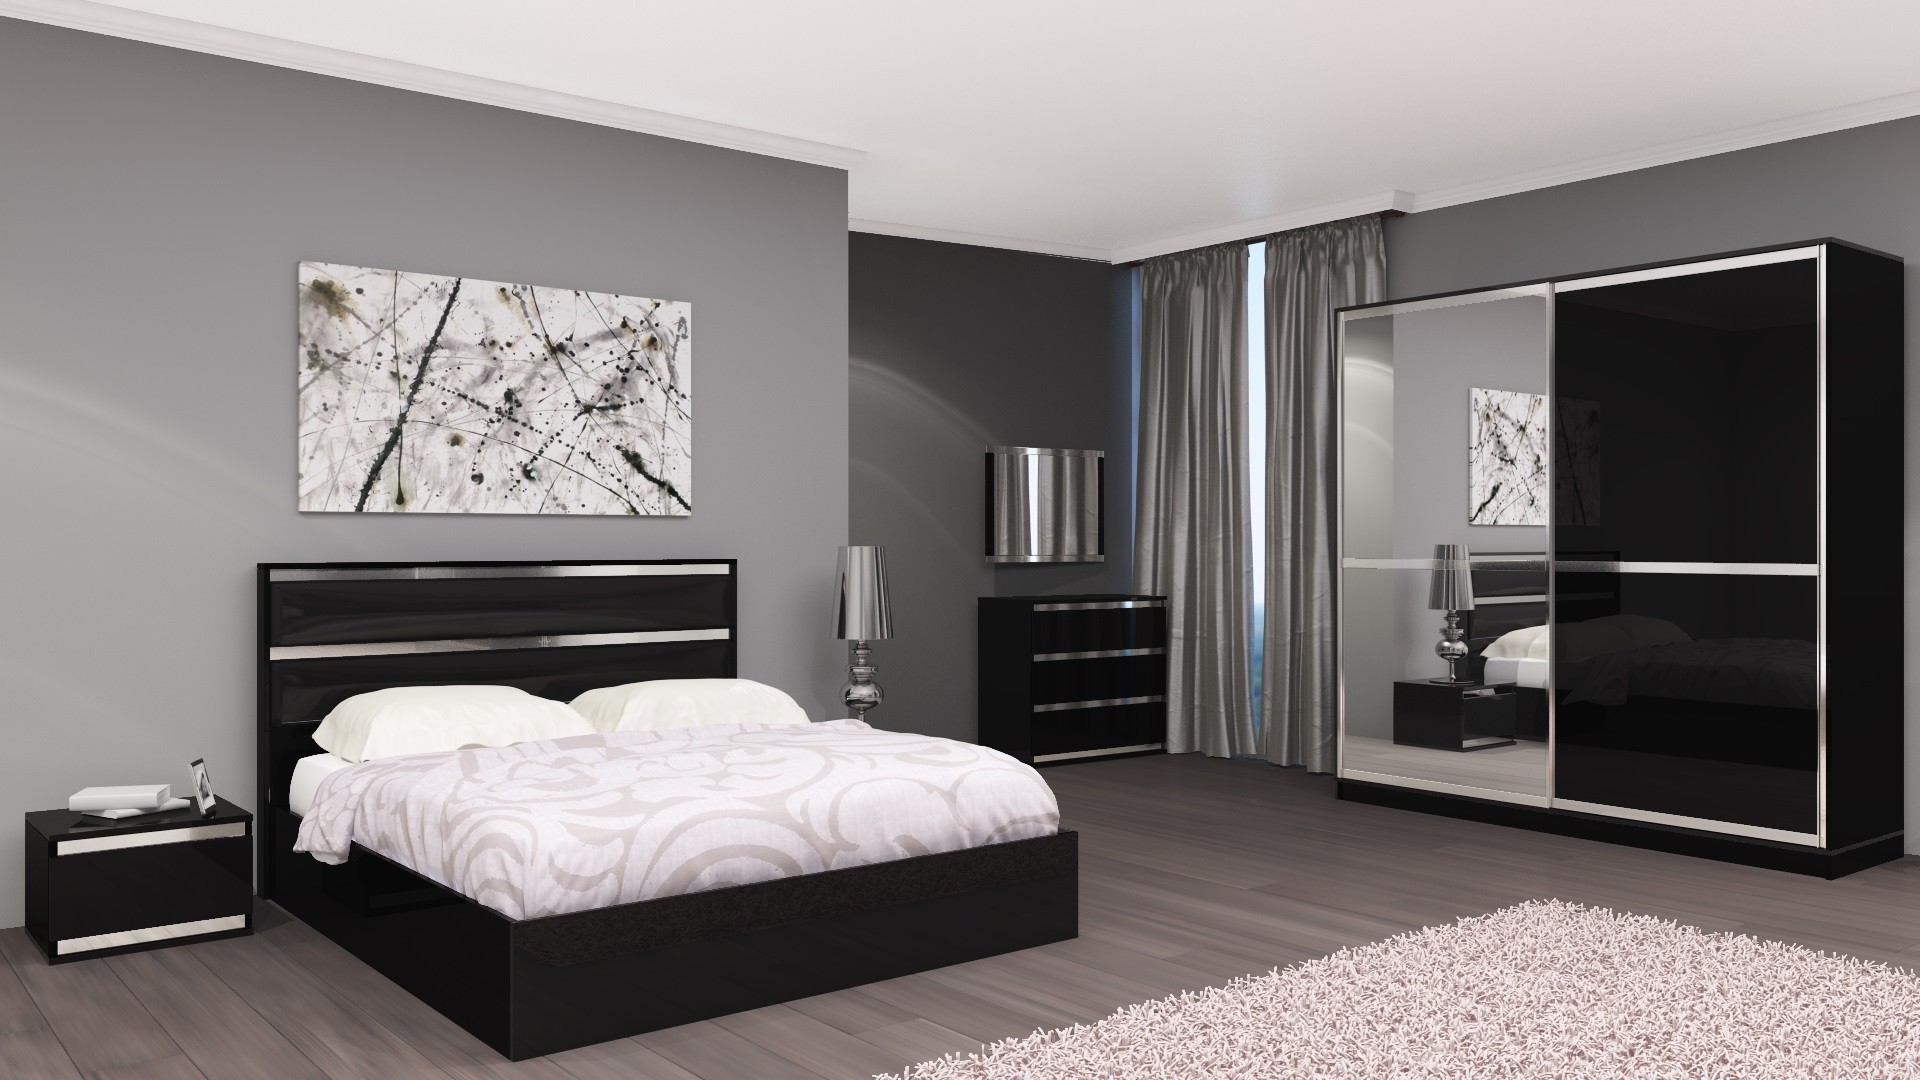 Chambre complete adulte design chambre id es de for Chambre adulte complete design